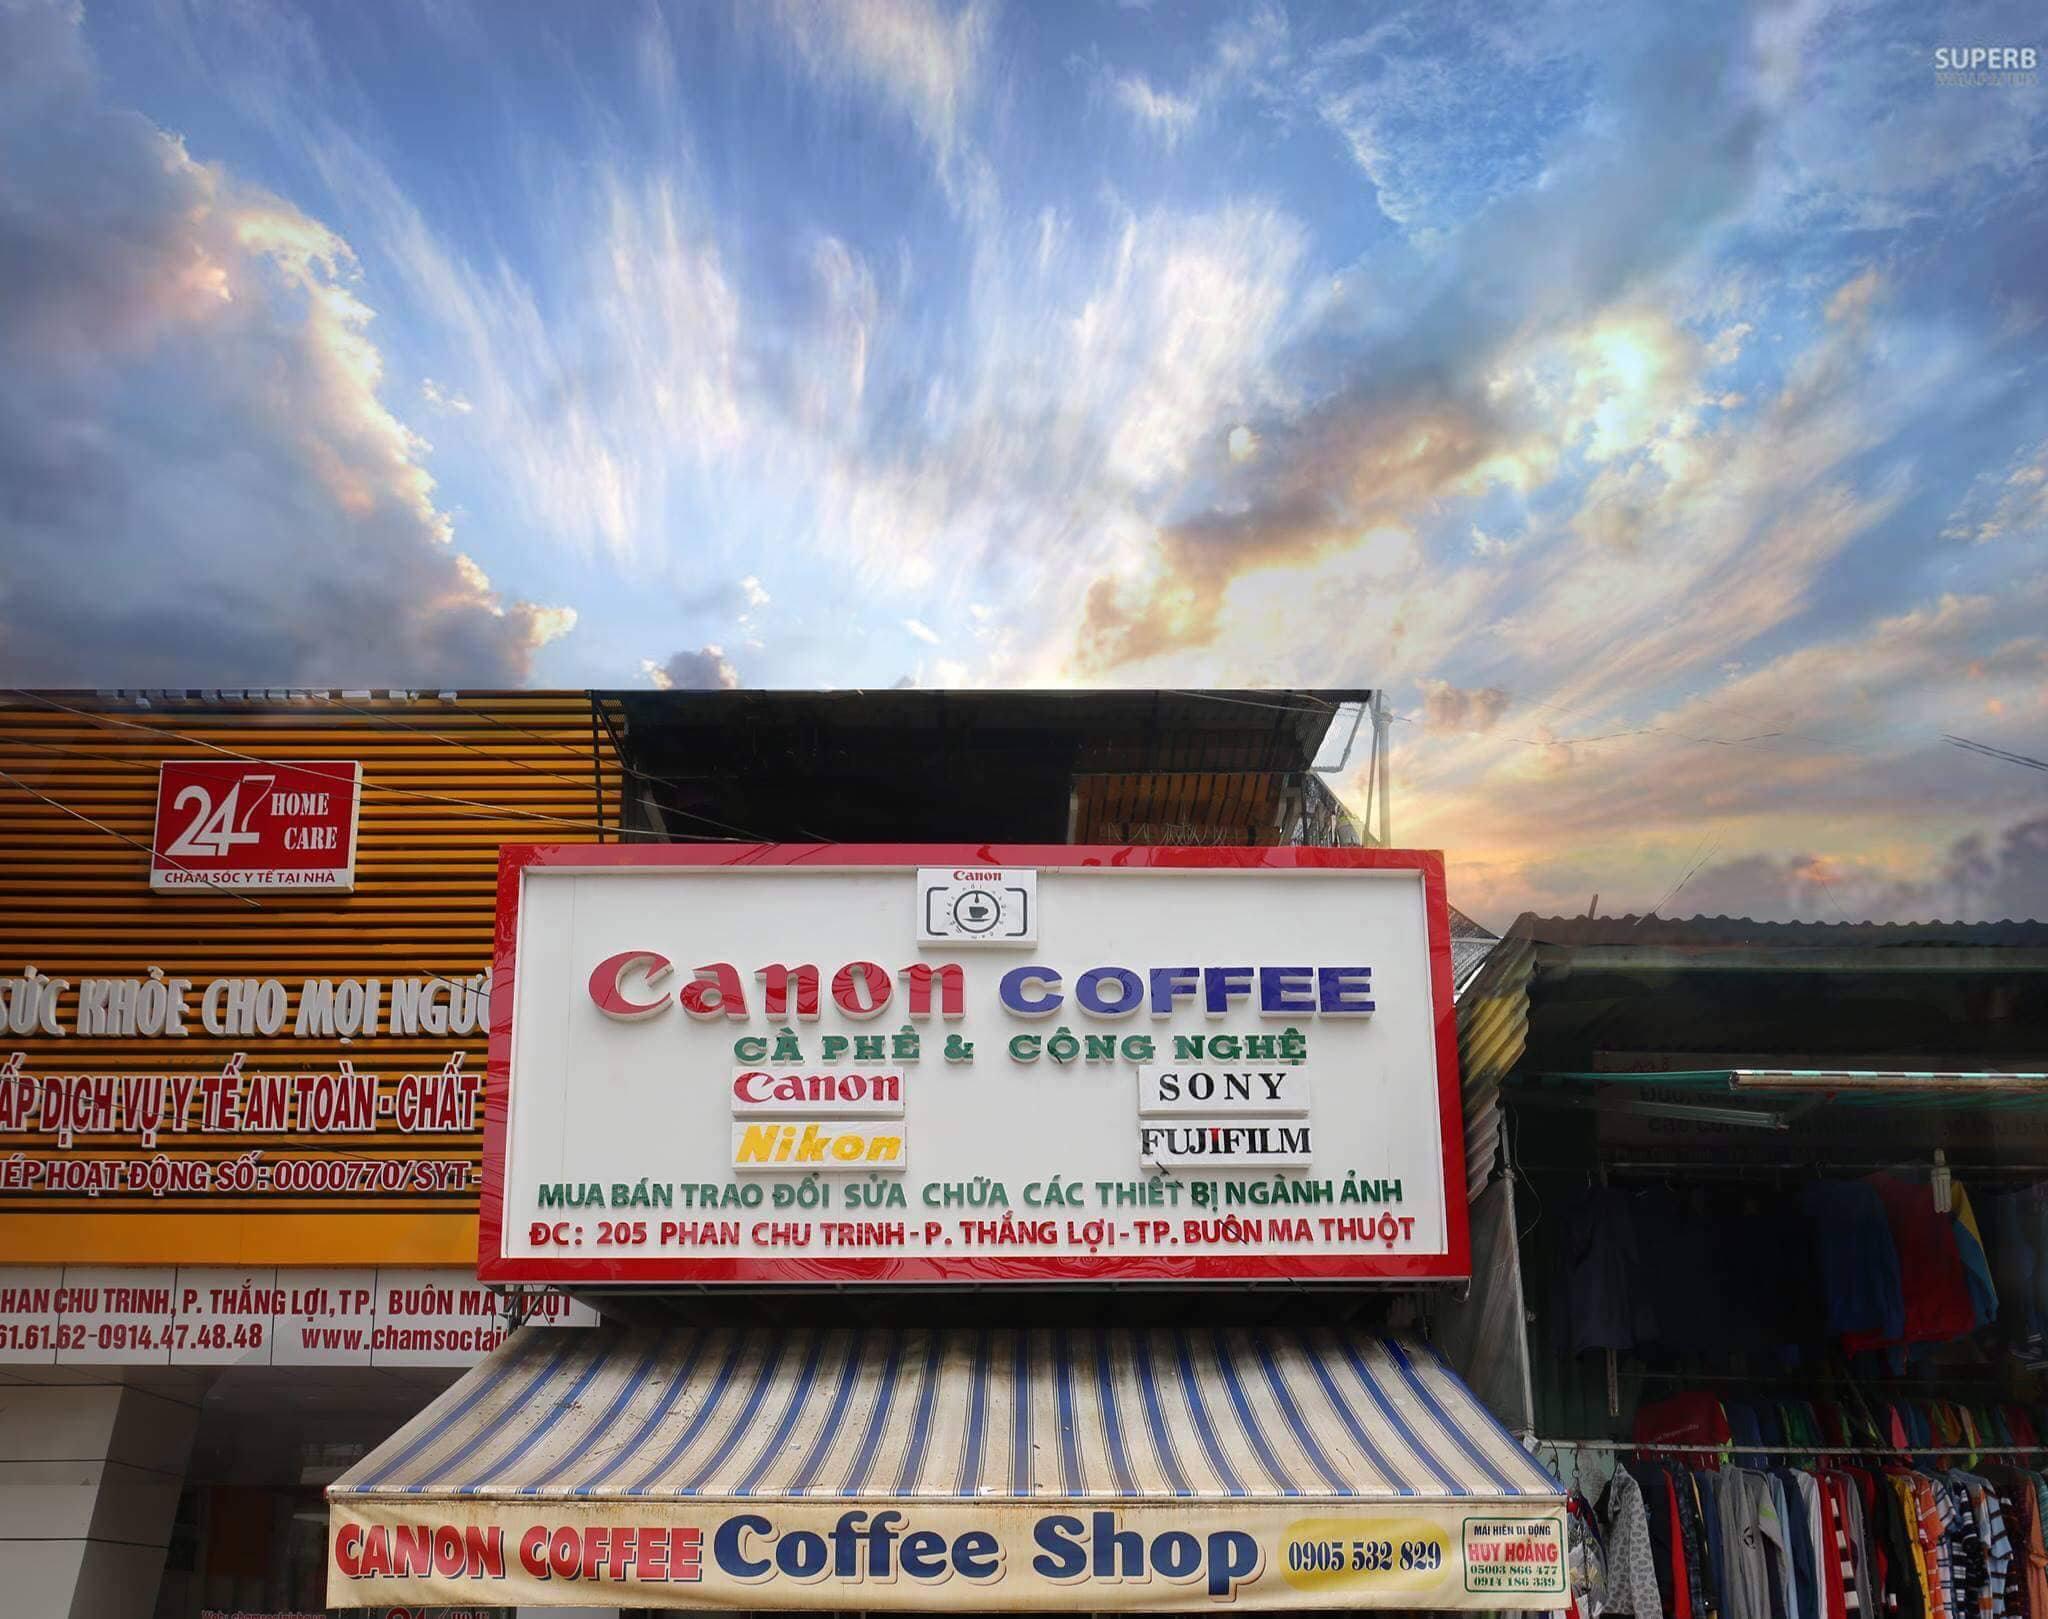 Địa chỉ cầm Máy ảnh, Macbook uy tín và lãi suất thấp tại Tp Buôn Ma Thuột - Đăk lắk